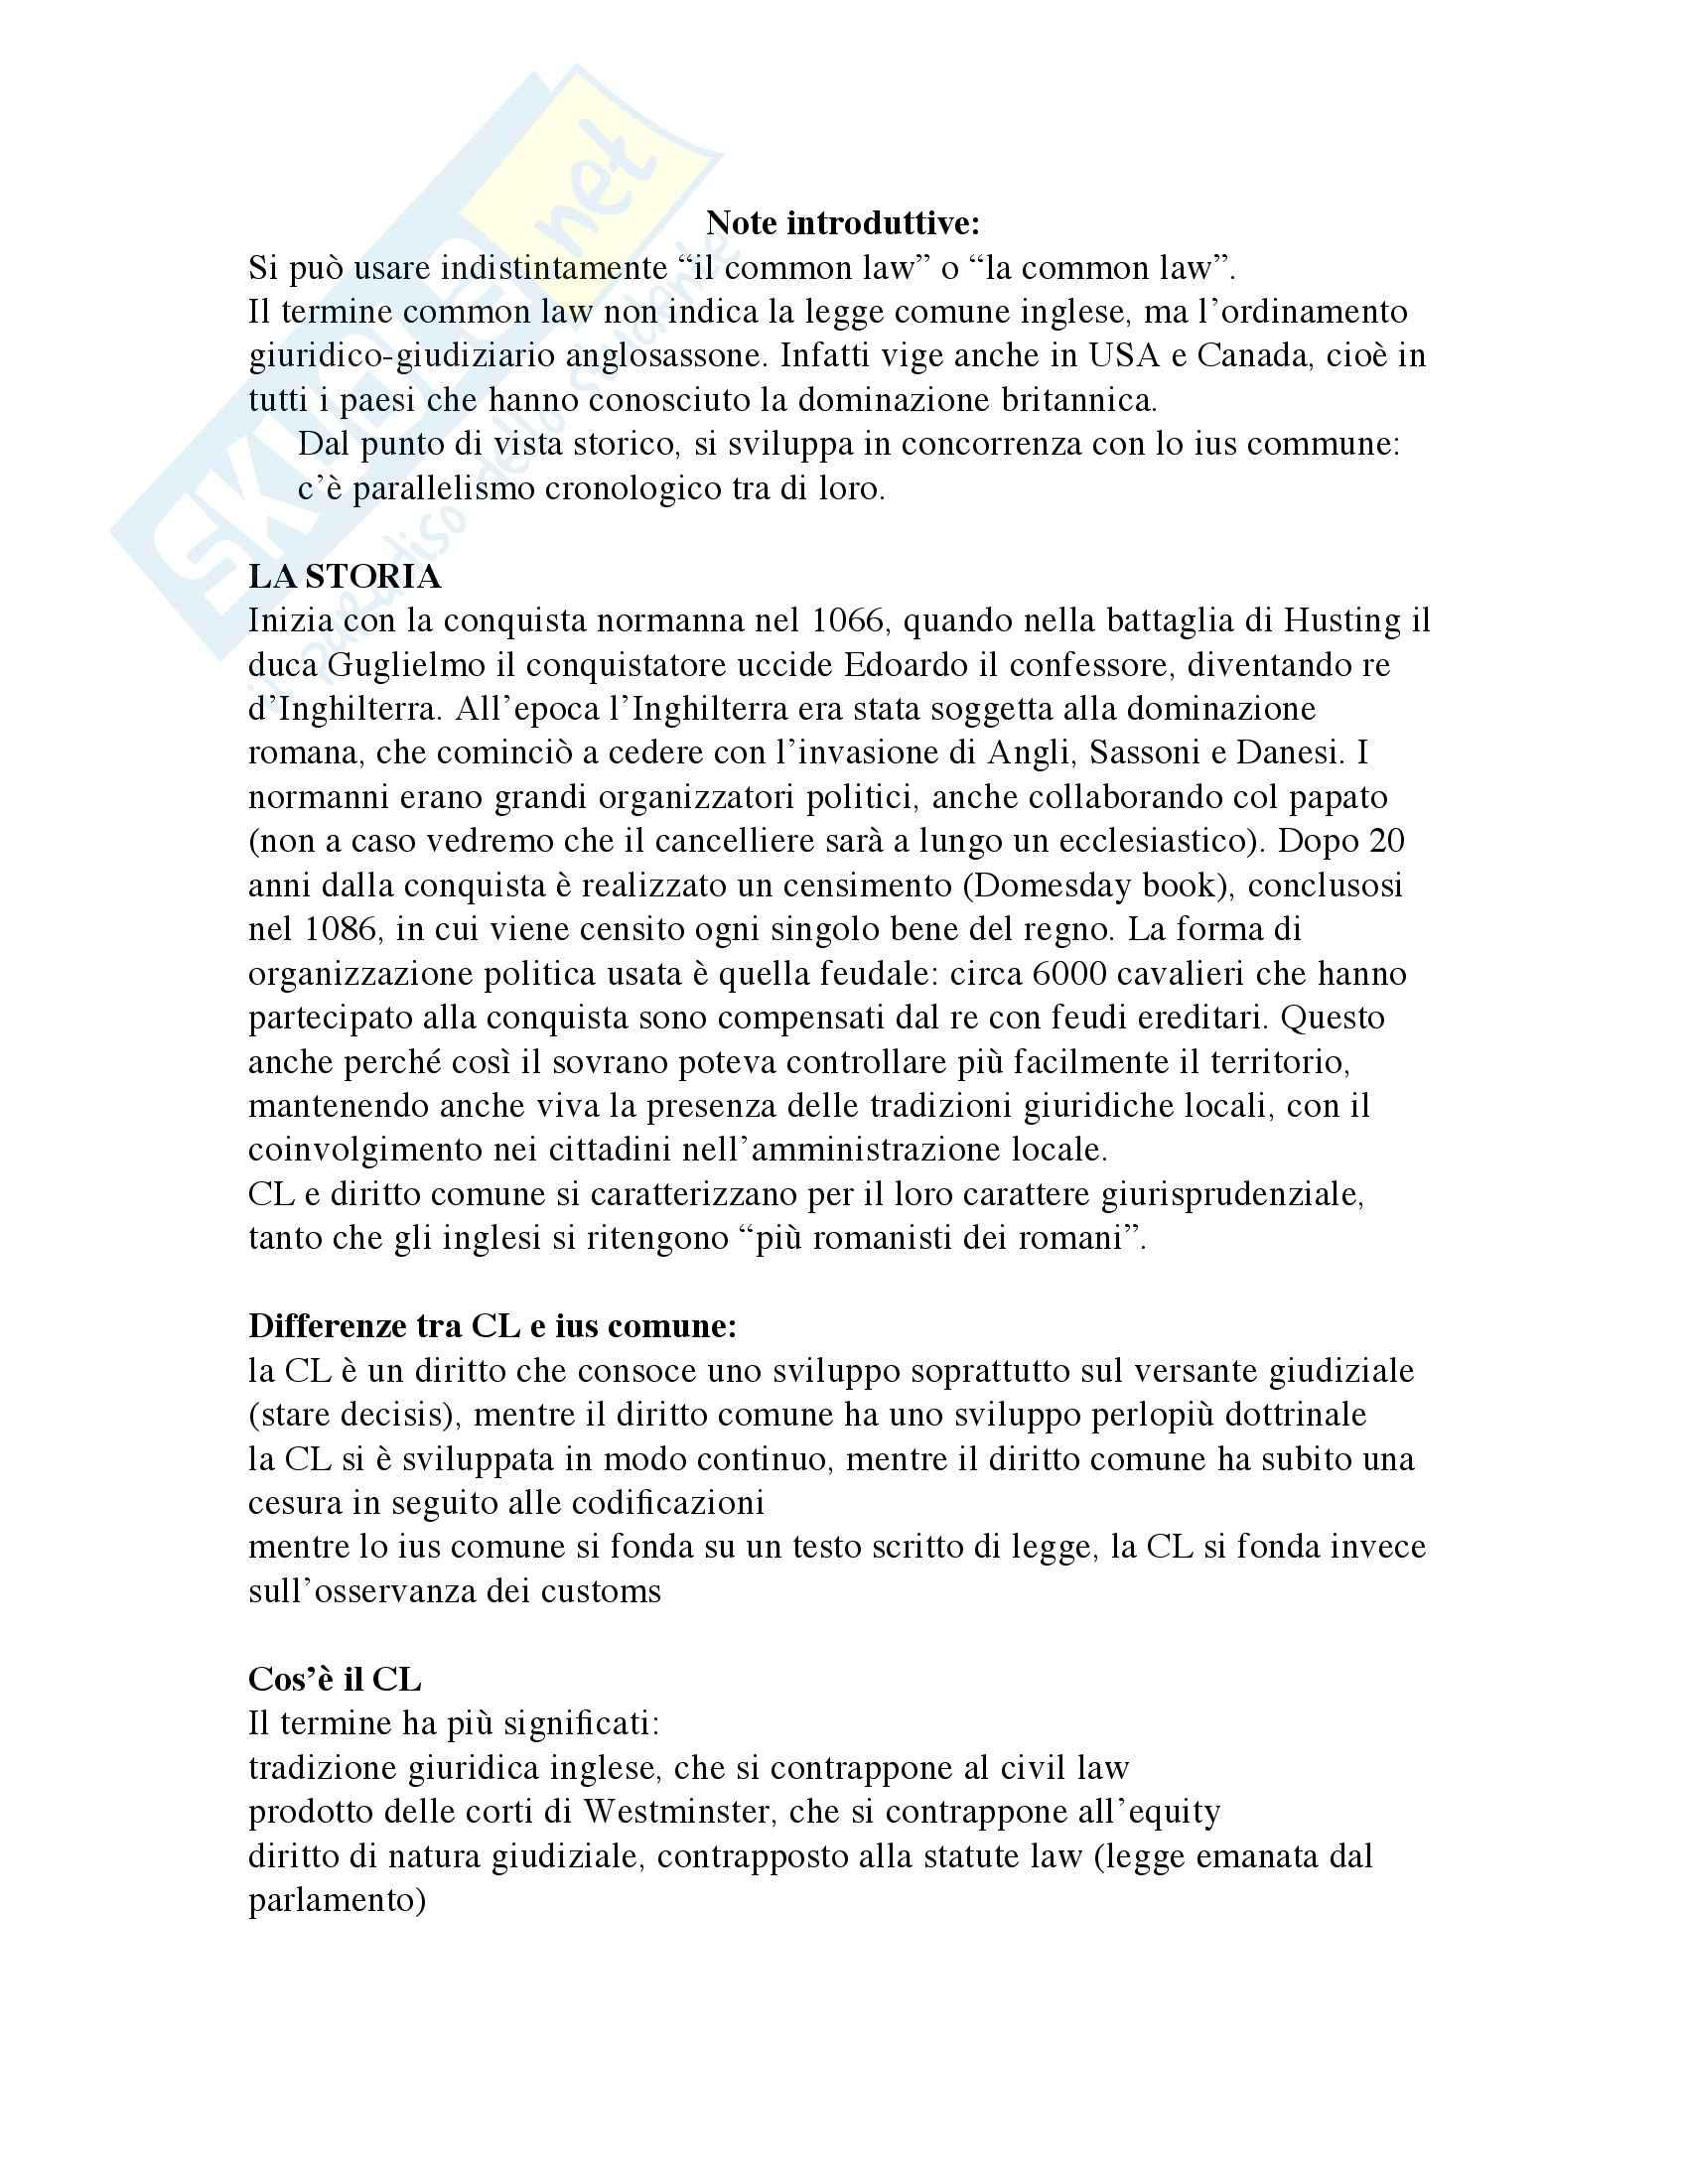 Storia del Diritto medievale e moderno Inglese Pag. 2